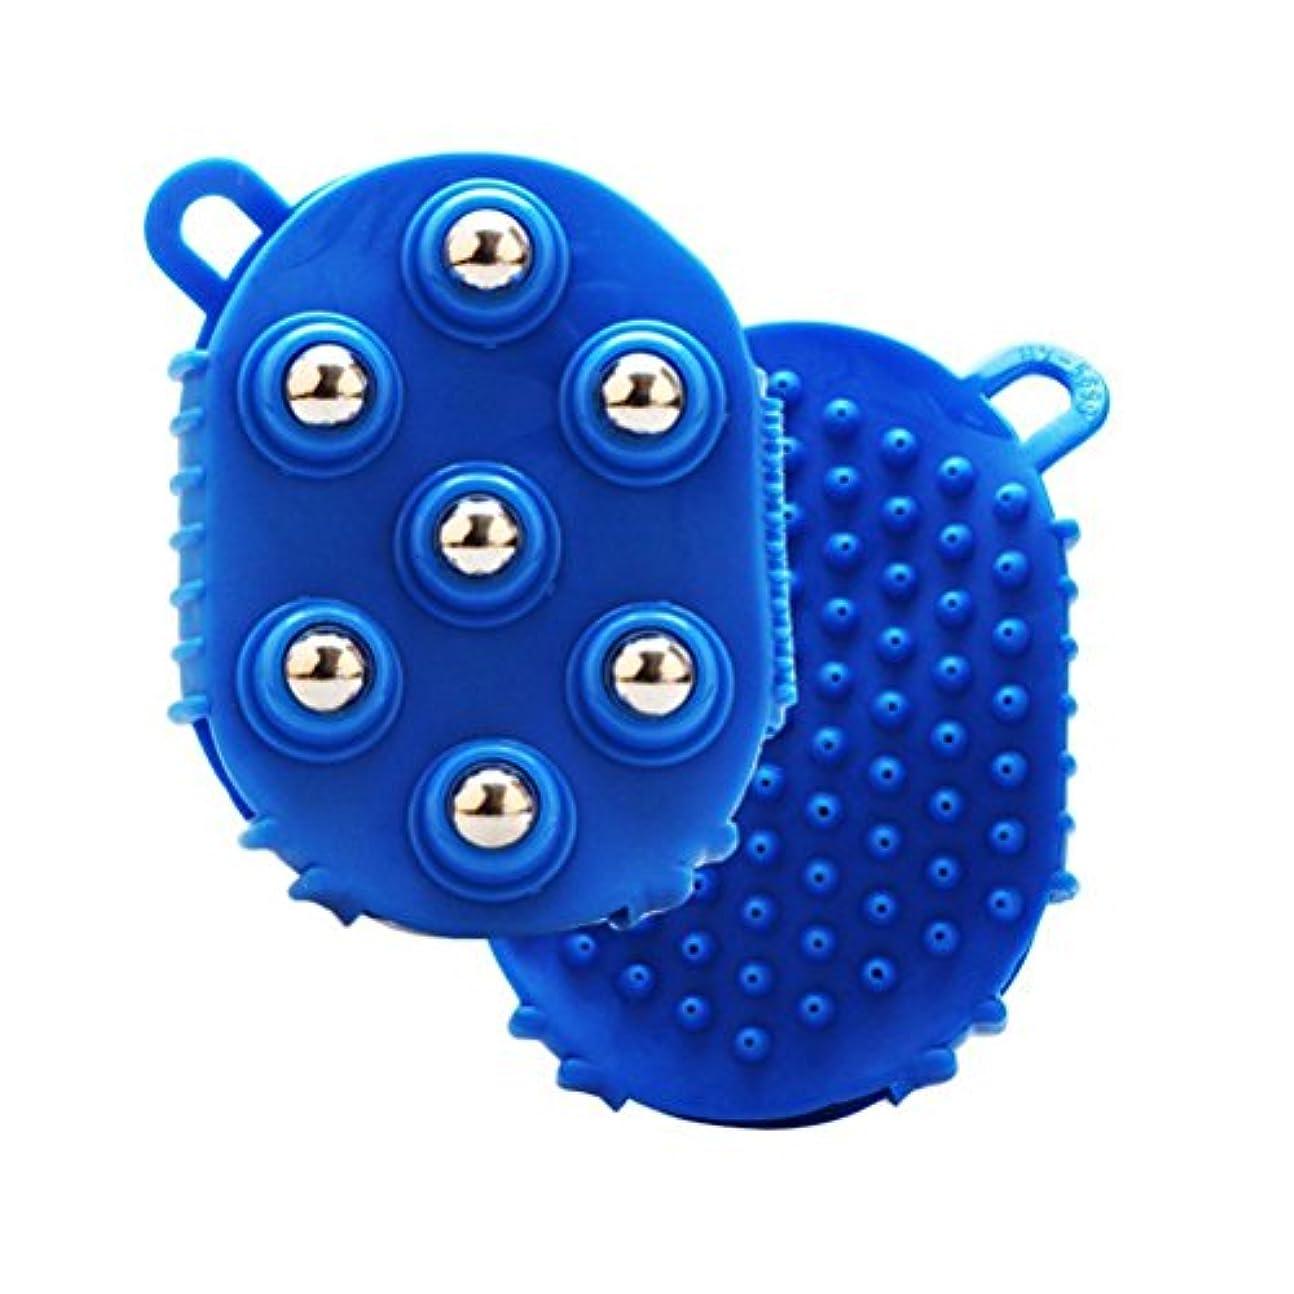 注入する骨の折れるマントROSENICE マッサージブラシ7痛みの筋肉の痛みを軽減するための金属ローラーボールボディマッサージャー(ブルー)